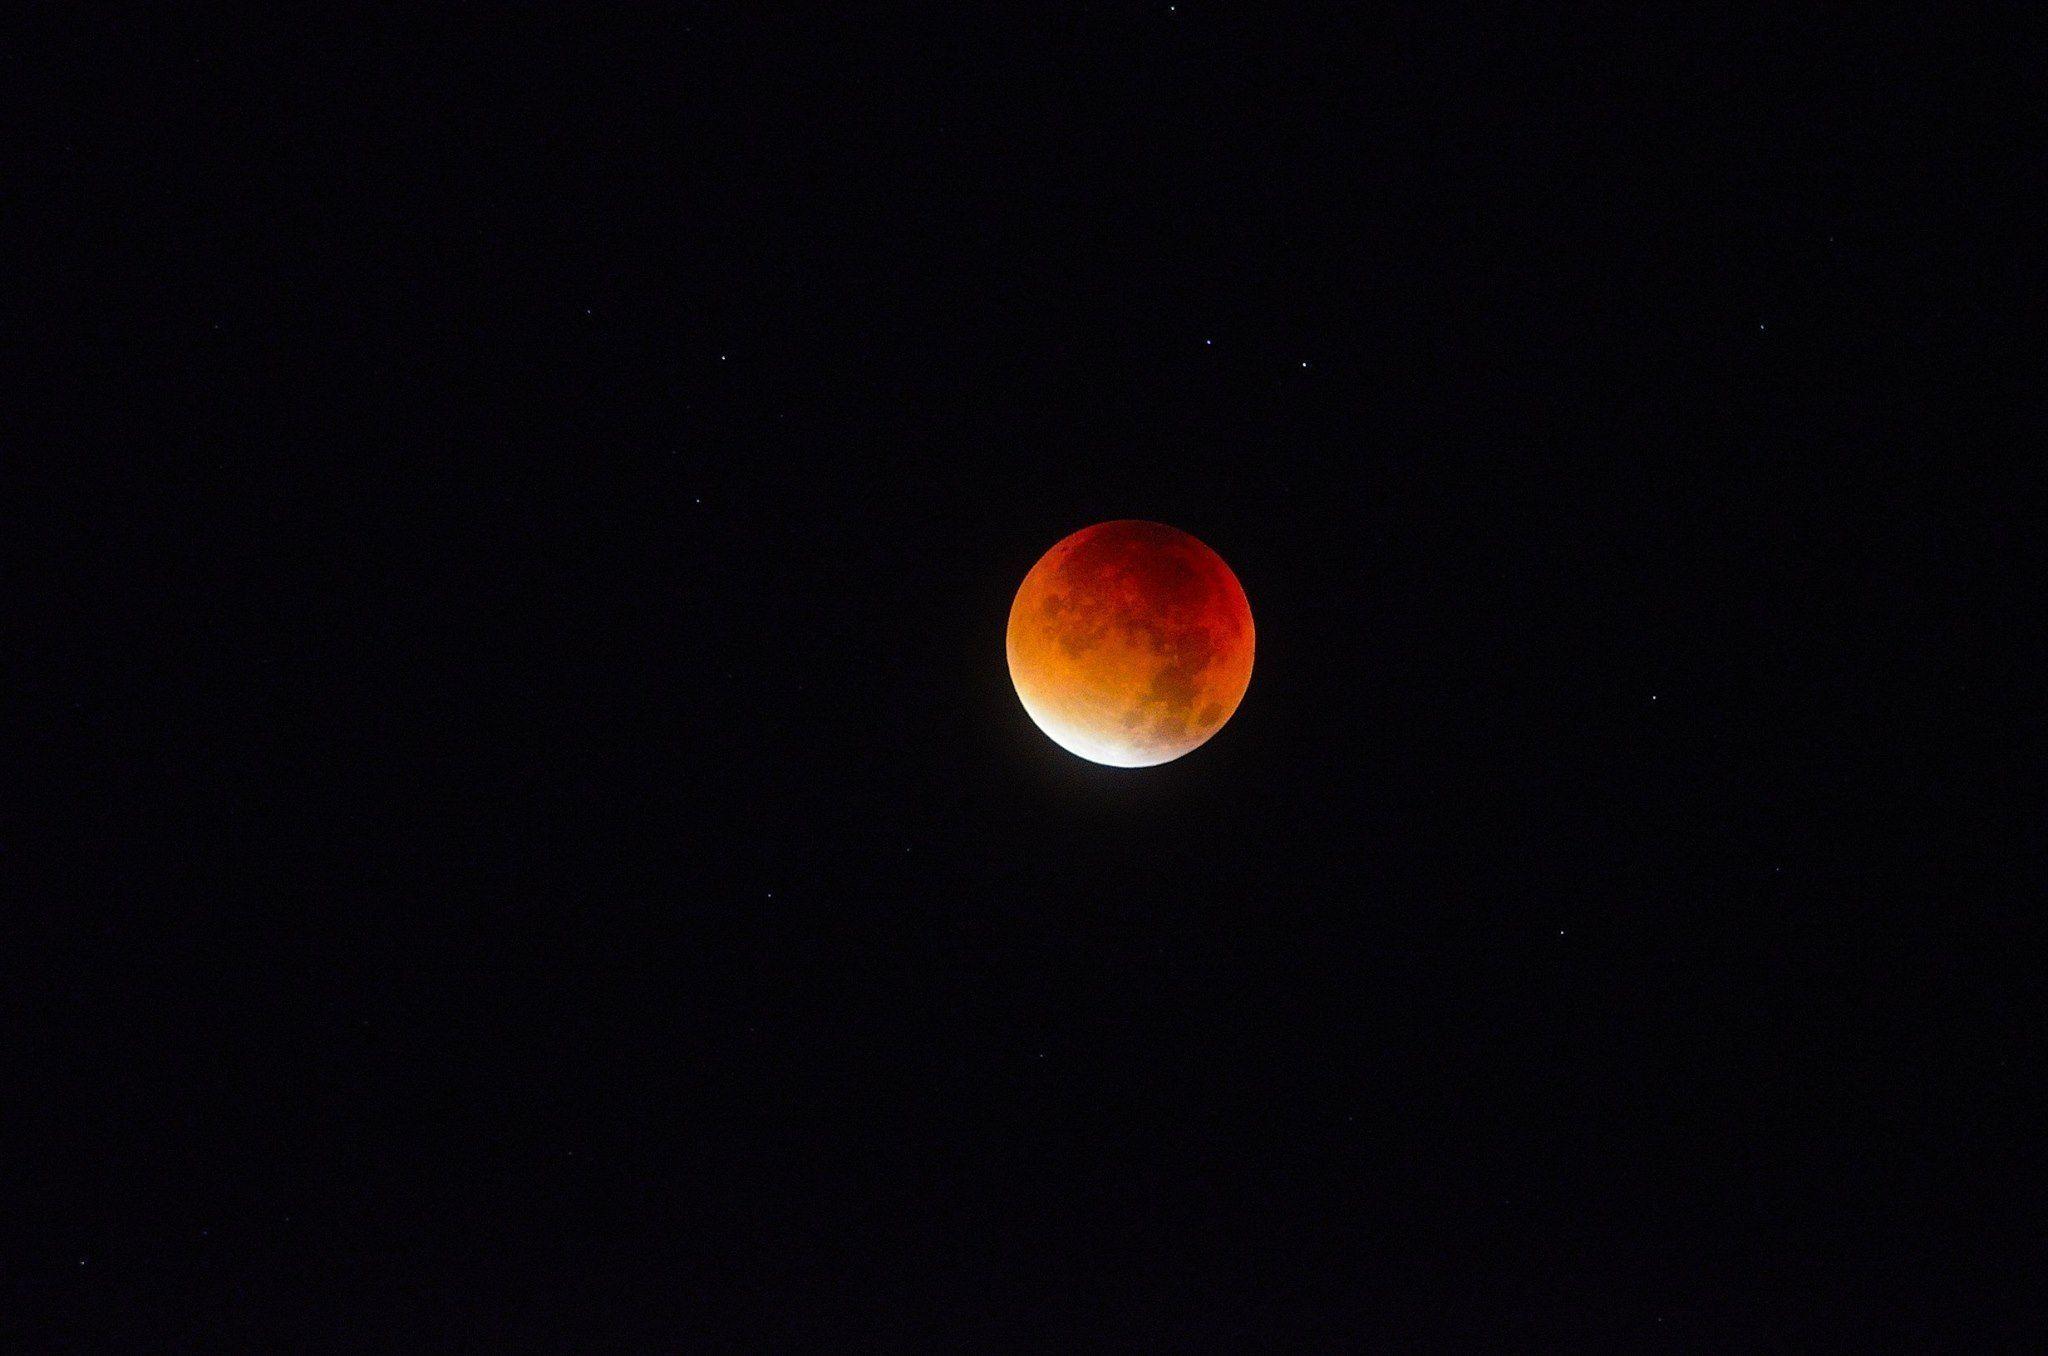 L'eclissi di superluna nelle foto dei lettori di Tom's Hardware. Complimenti a tutti!